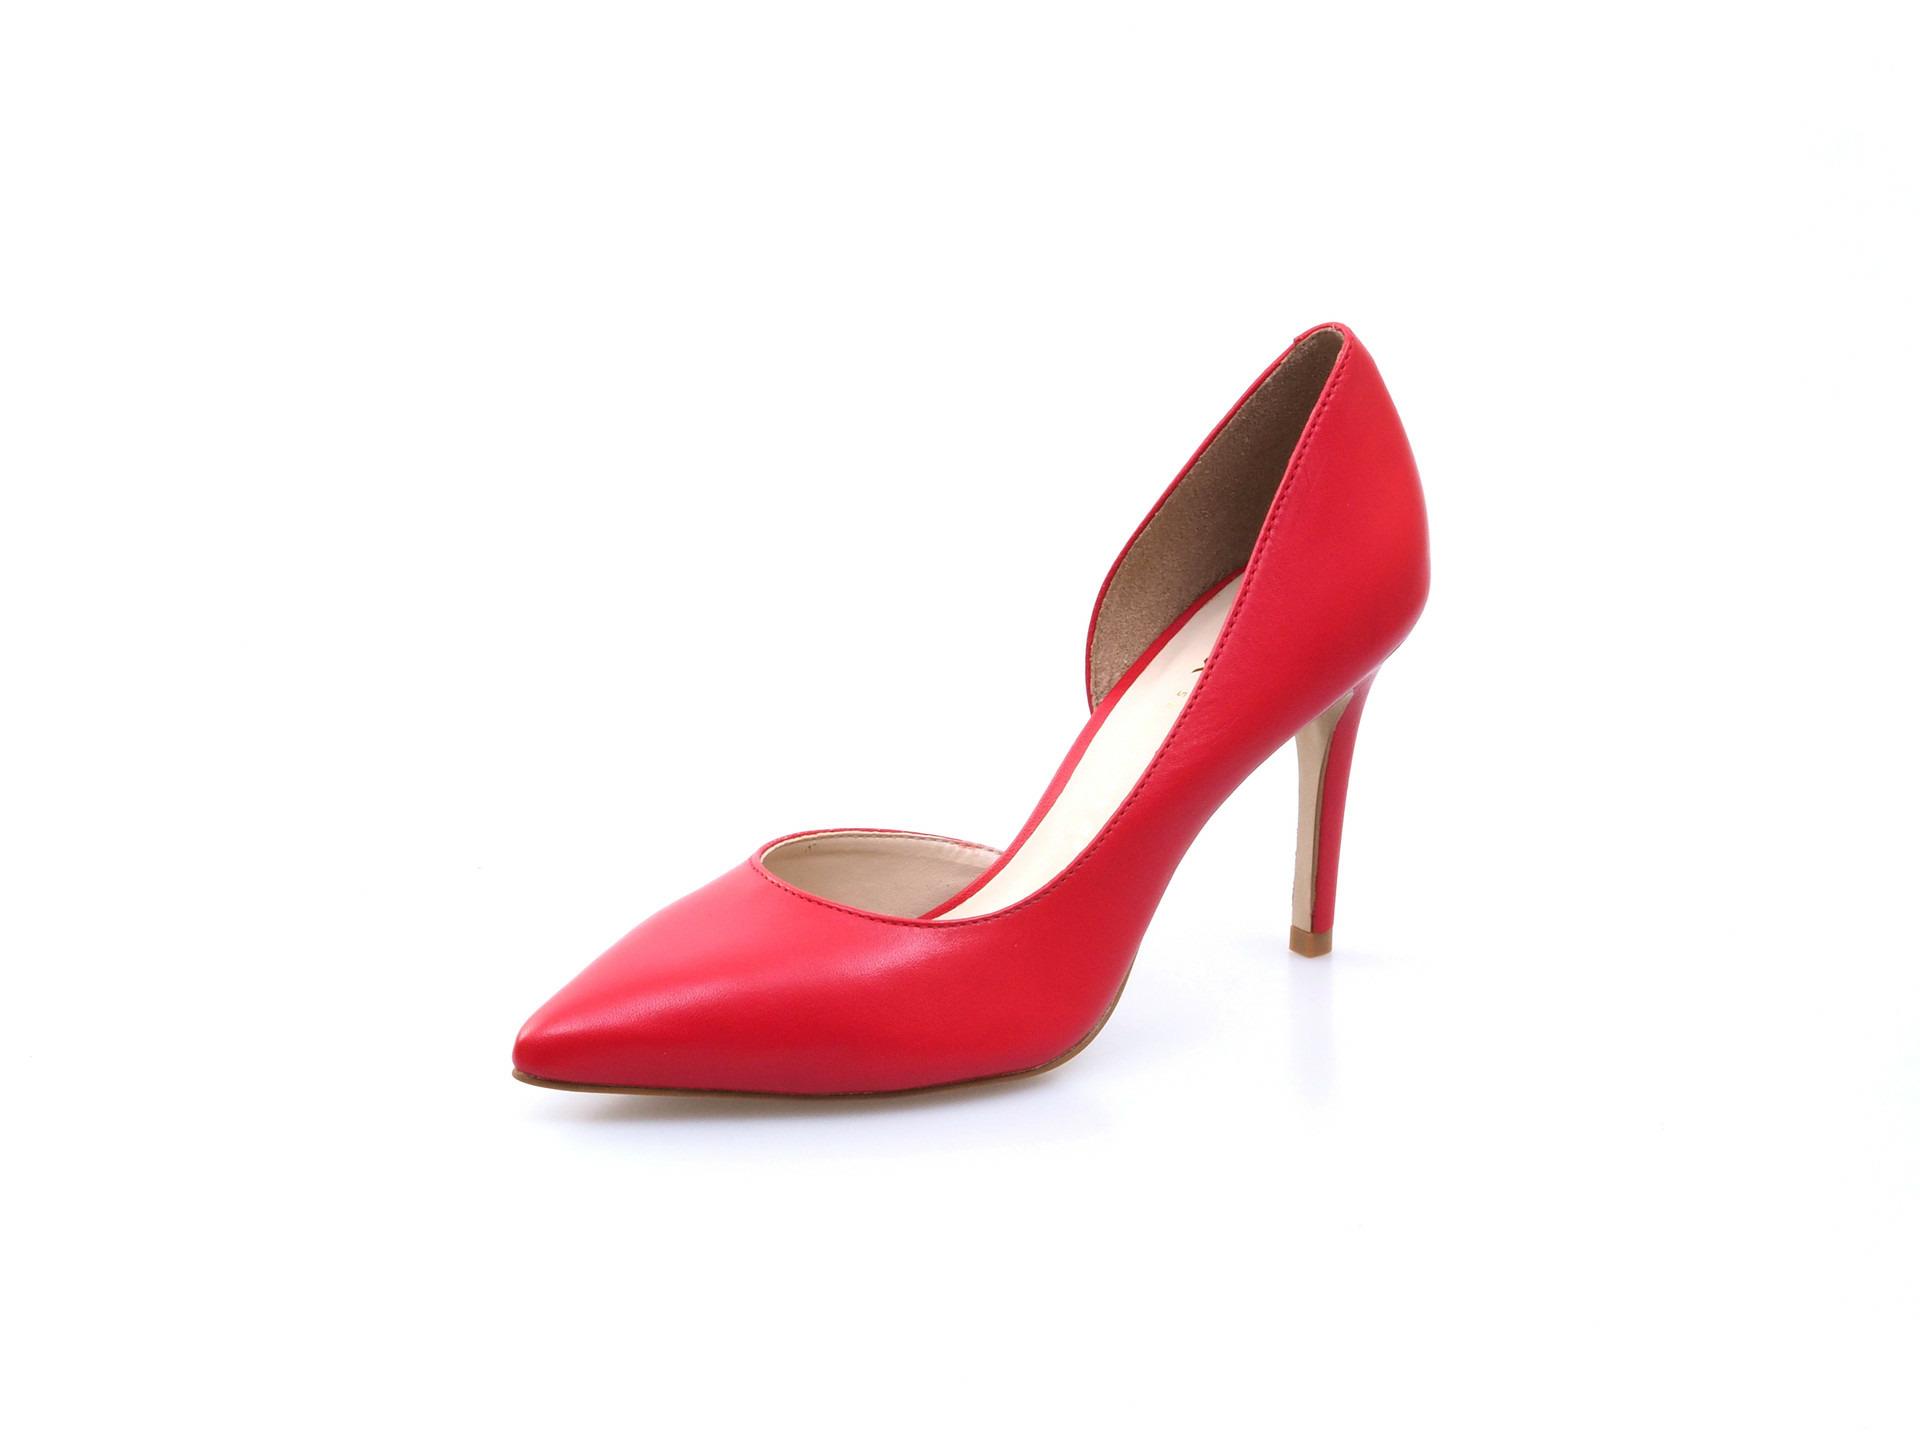 67bb24bb51 Soňa - Dámska obuv - Spoločenská obuv - Bronx dámska lodička na ...